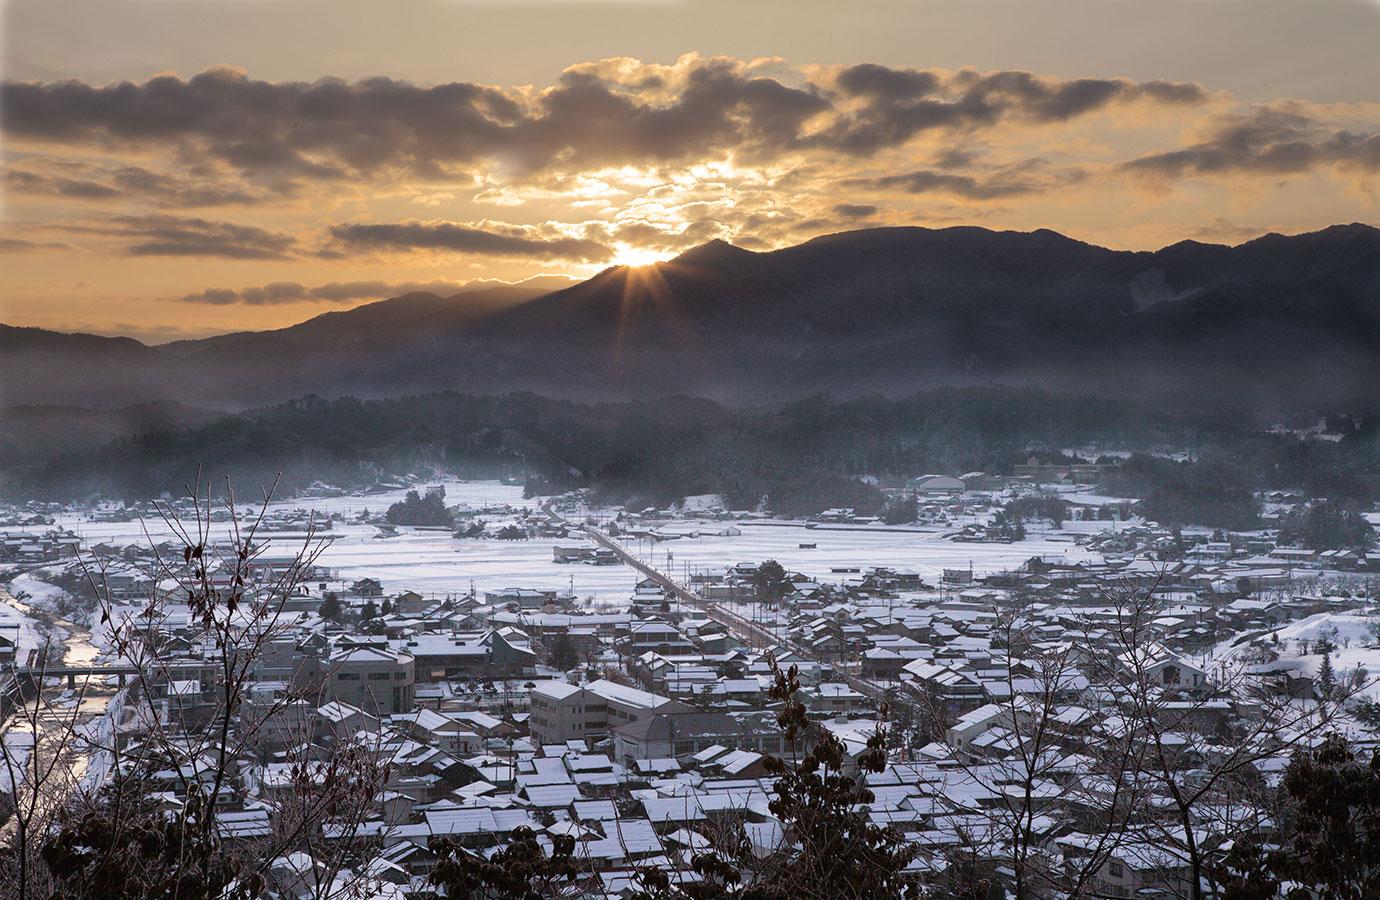 雪の町の風景